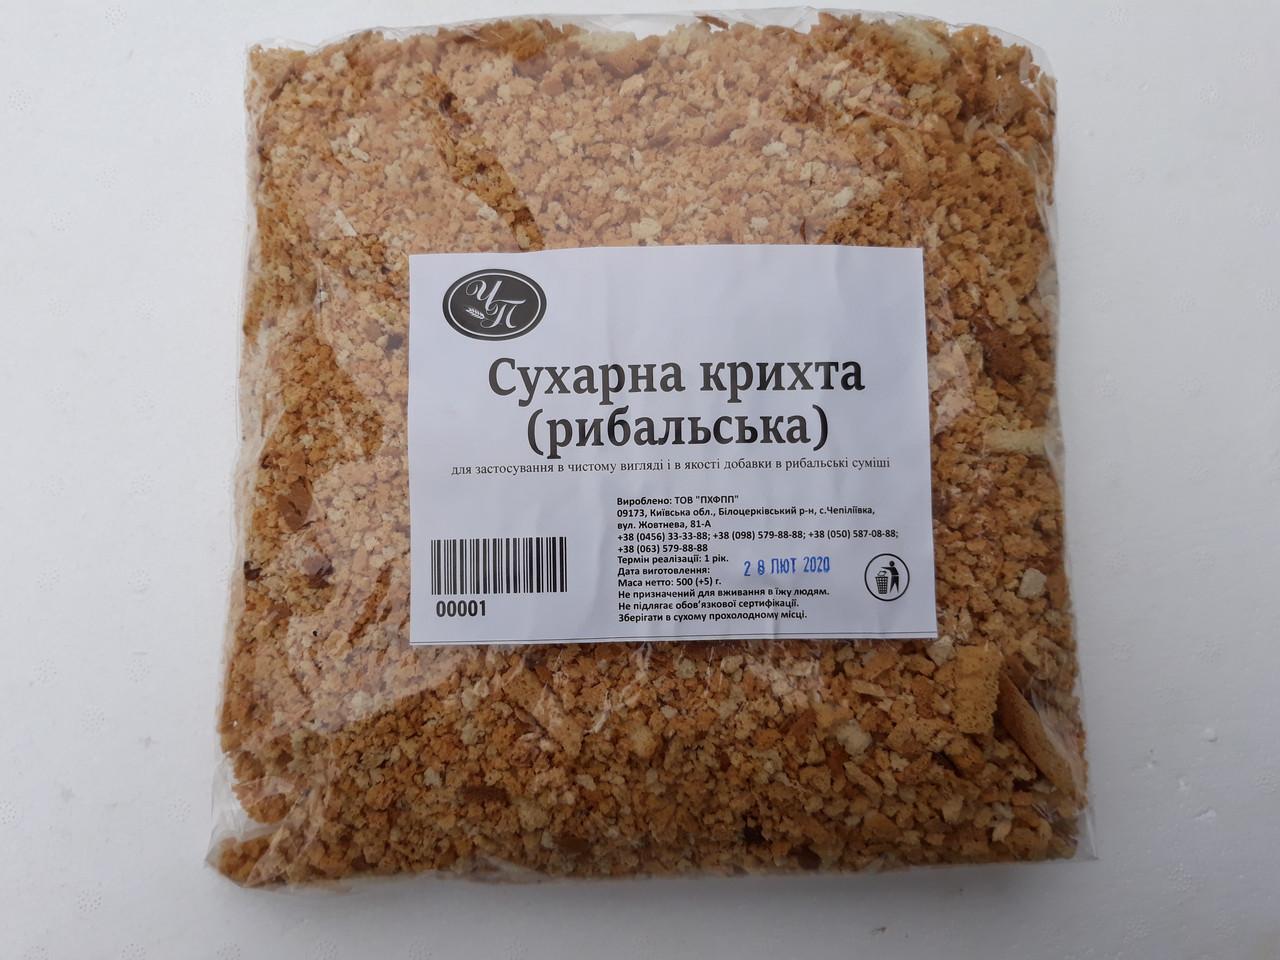 Сухарна крихта (рибальська)